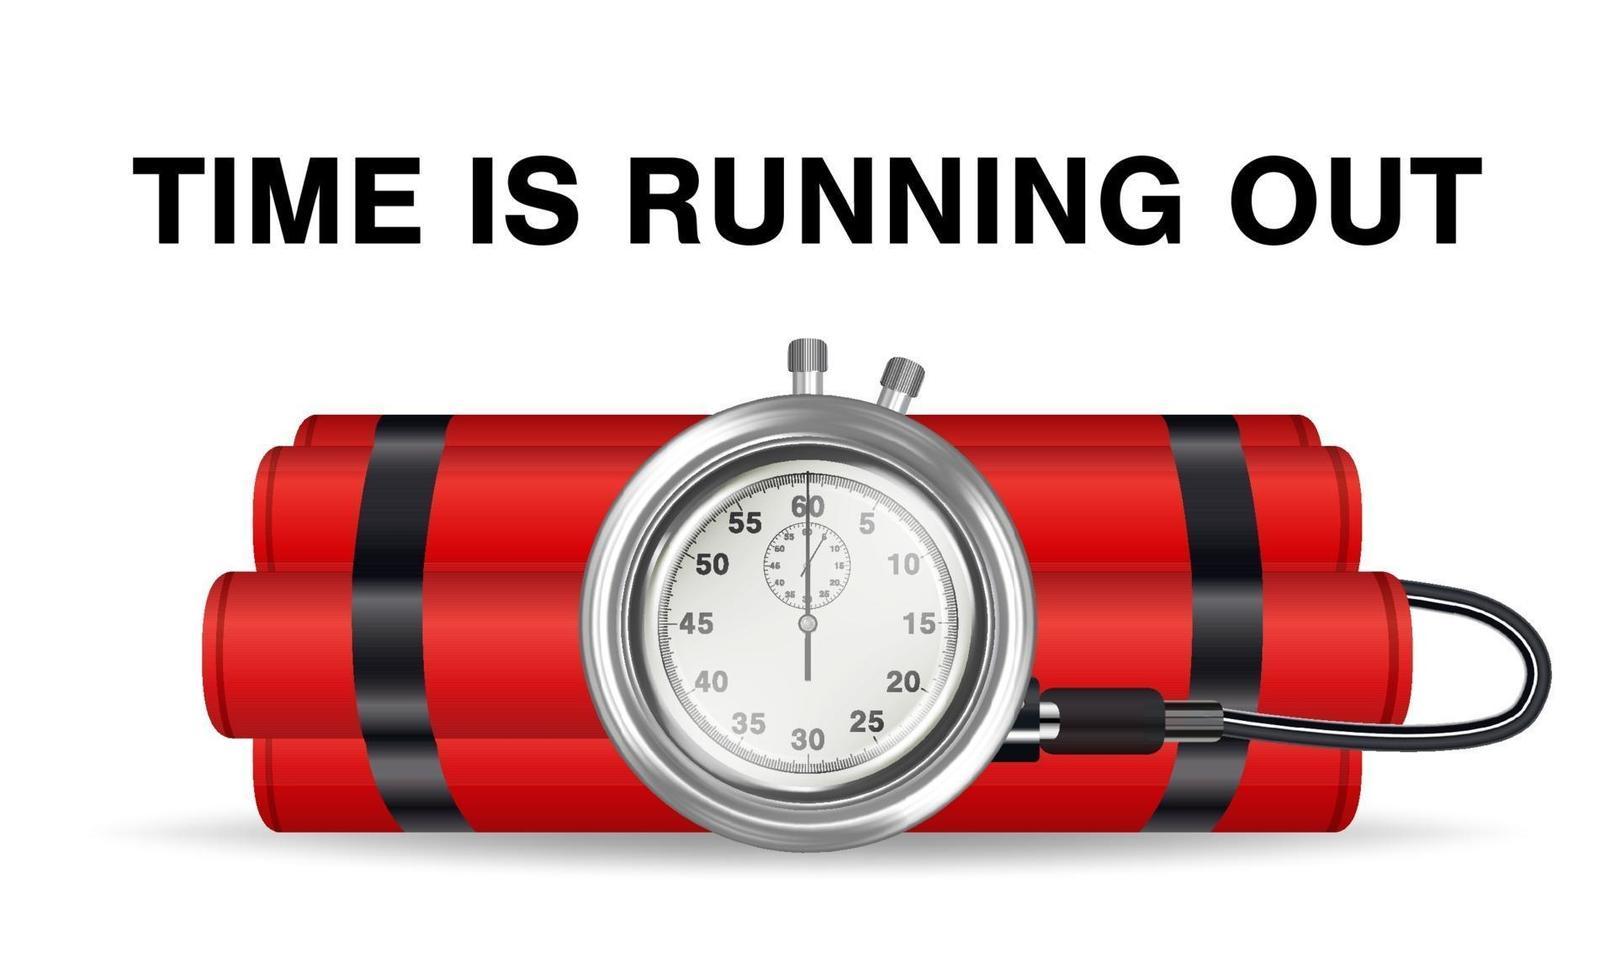 bomba a orologeria con dinamite rossa e cronometro vettore